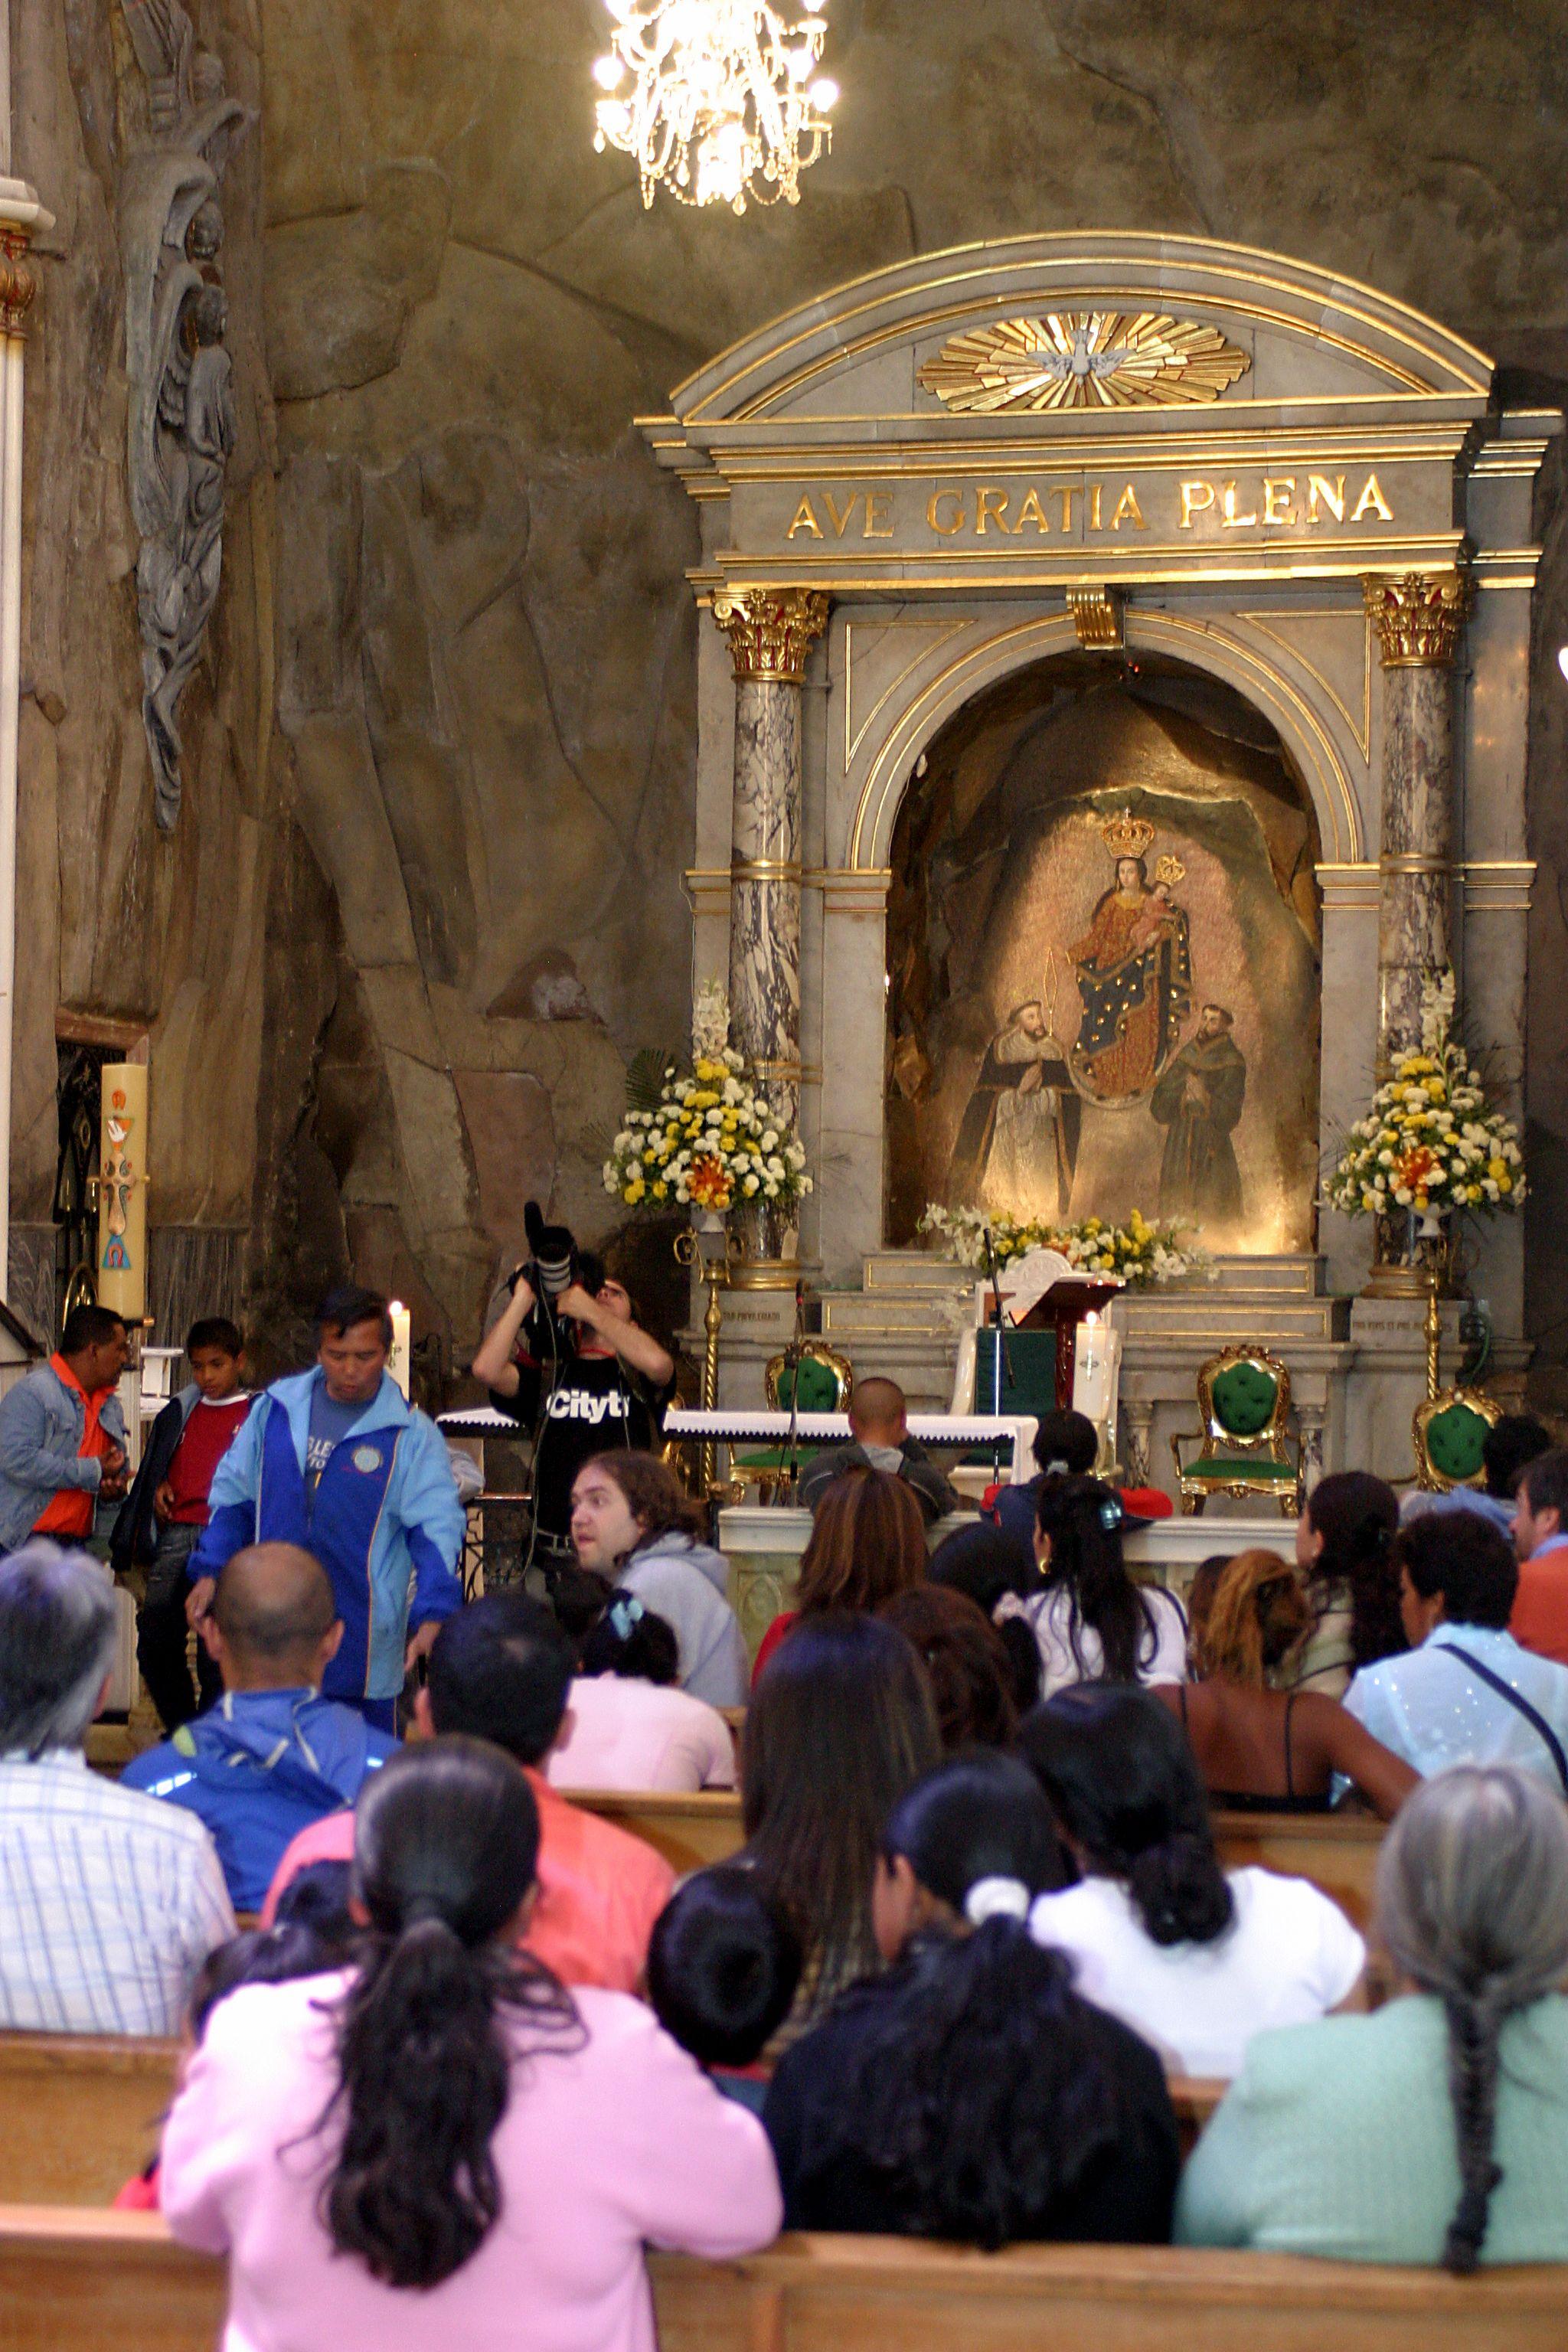 Interior del Santuario de Las Lajas, belleza mística, sensación de paz y reflexión